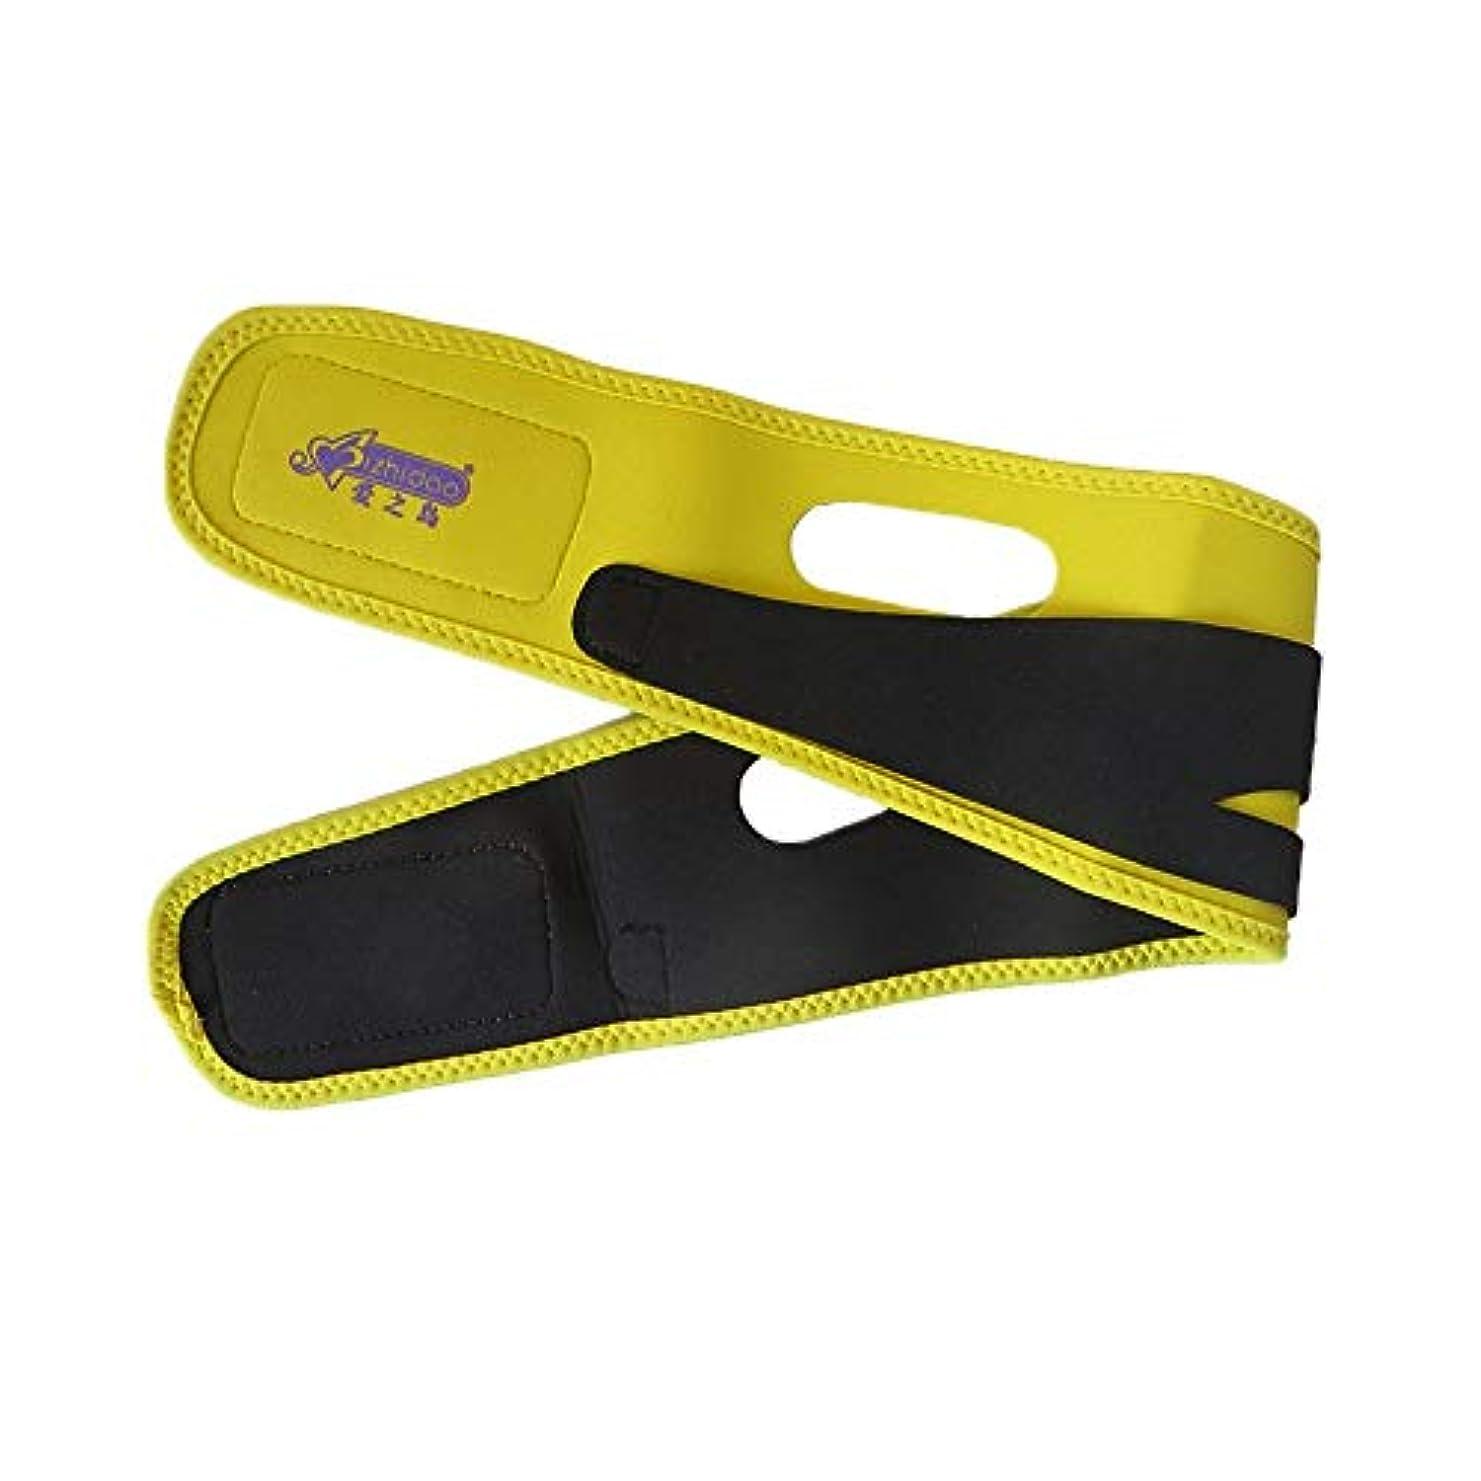 基本的な暴露アジテーションXHLMRMJ フェイススリミングバンデージ、ダブルチンケア減量、フェイシャルリフティングバンデージ、フェイスマッサージマスク、ダブルチンストラップ(フリーサイズ) (Color : Yellow)